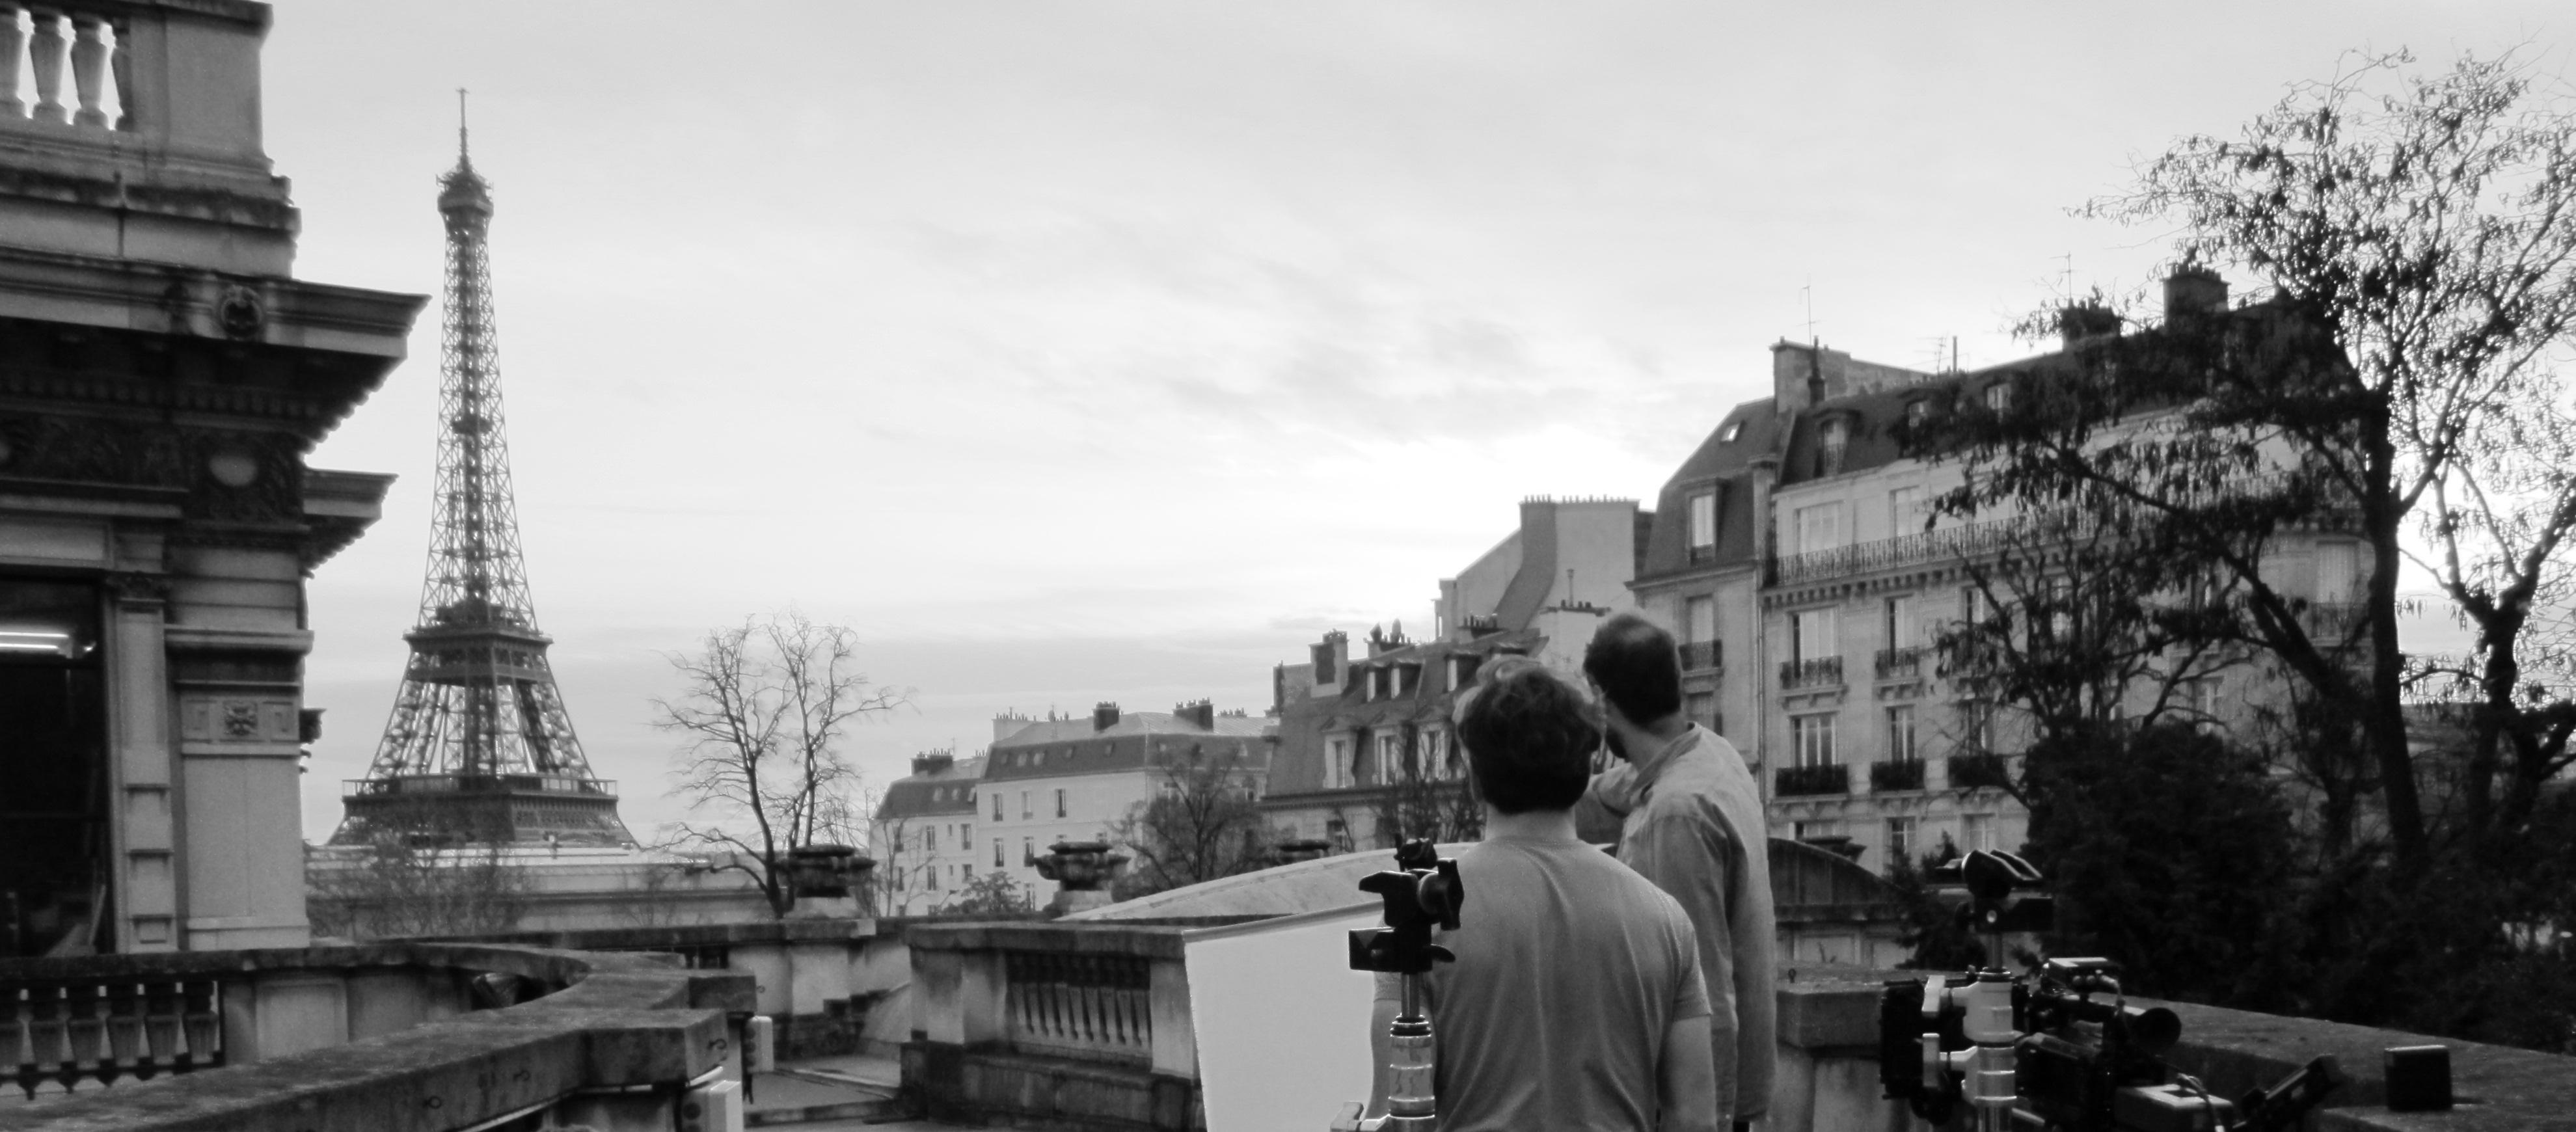 Shooting B-roll in Paris